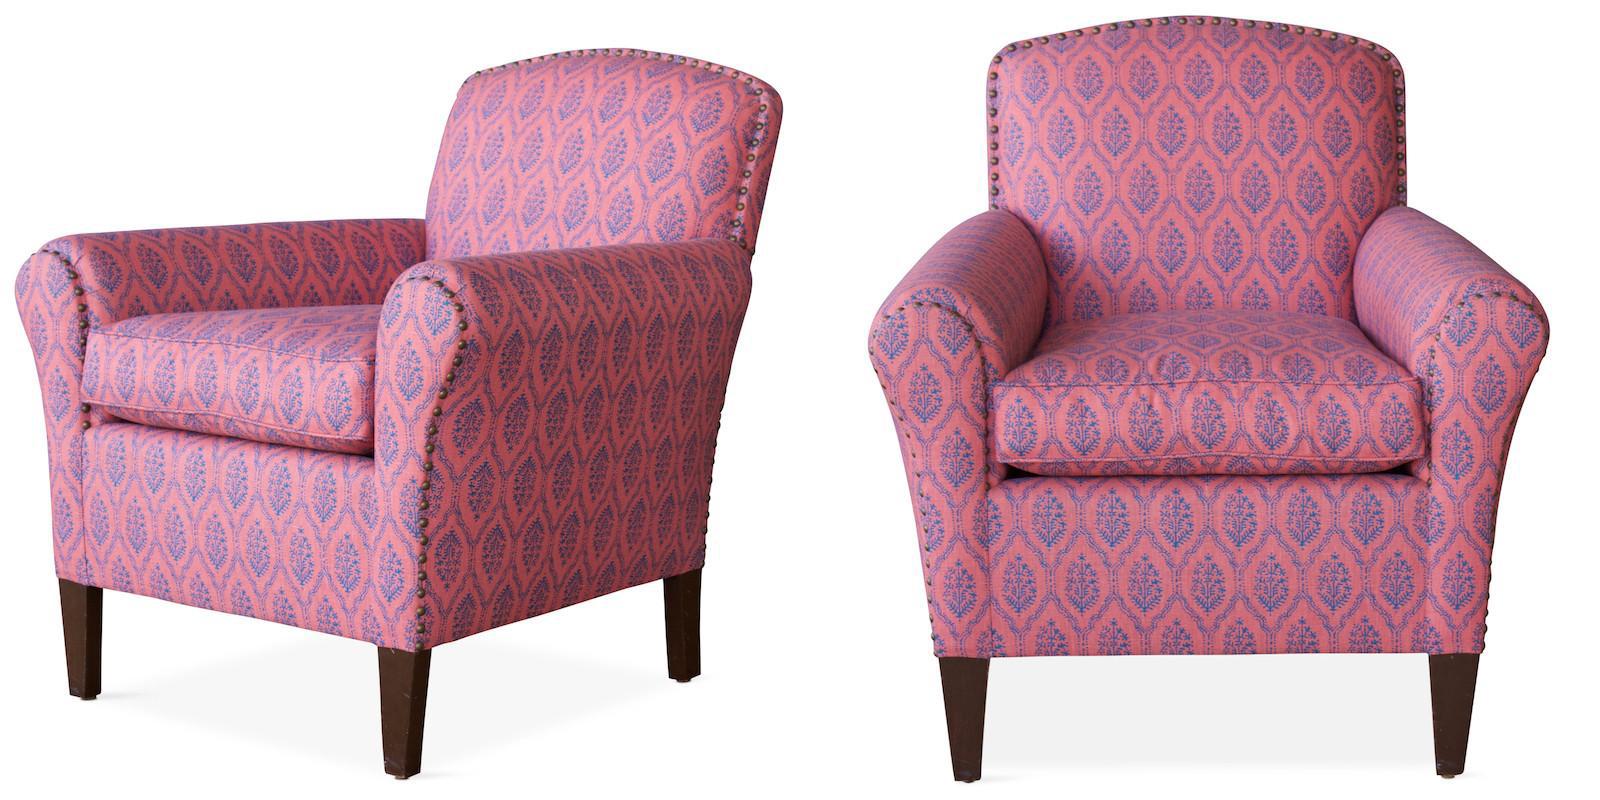 hemingway.chair.armchair.furniture.club.chairs.nailhead.angle.peter.dunham.hollywood.at.home_1024x1024.jpg